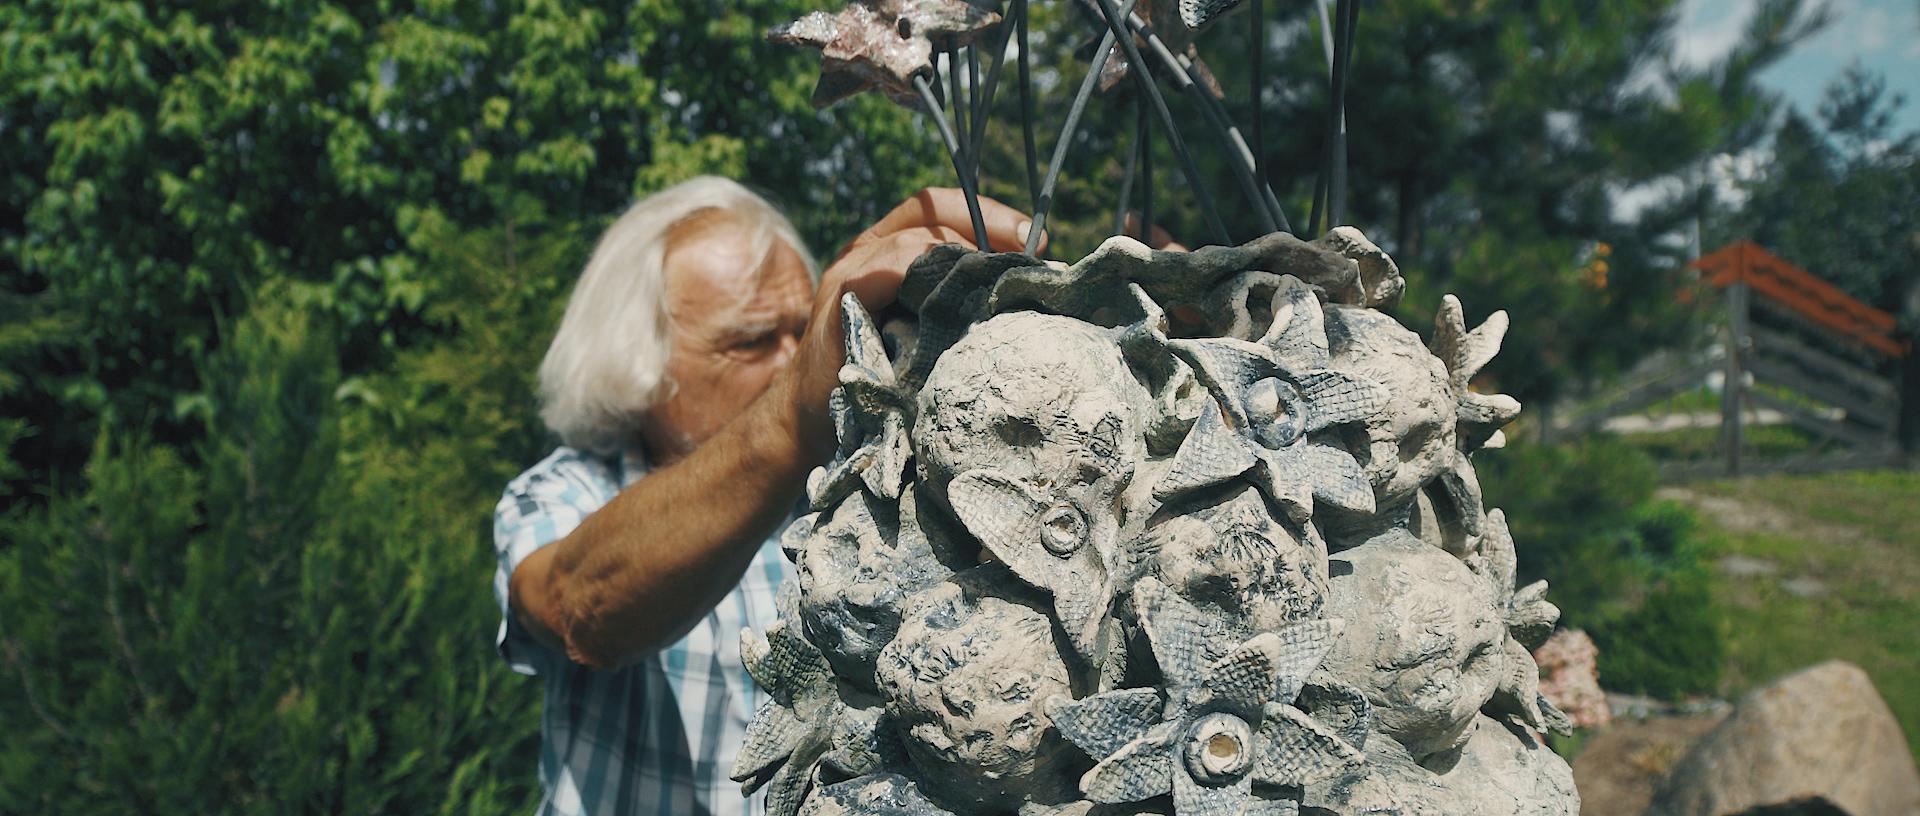 Prie savo keramikos darbo.